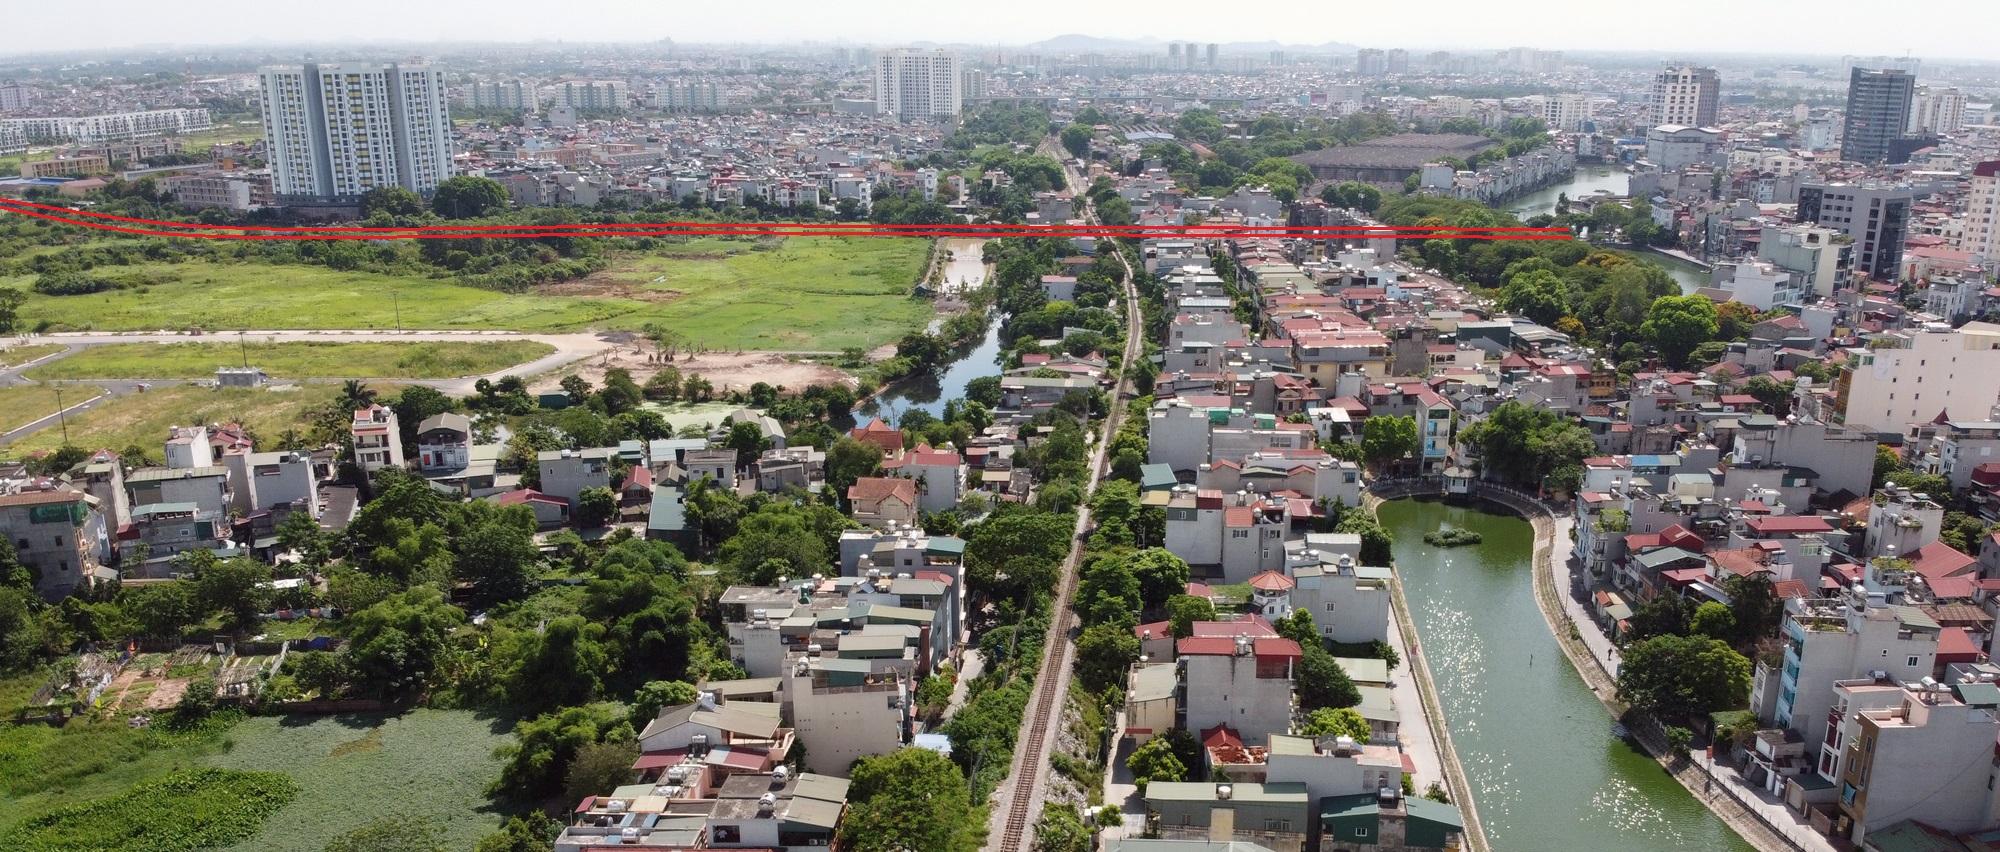 , Hà Nội - Ảnh 16.